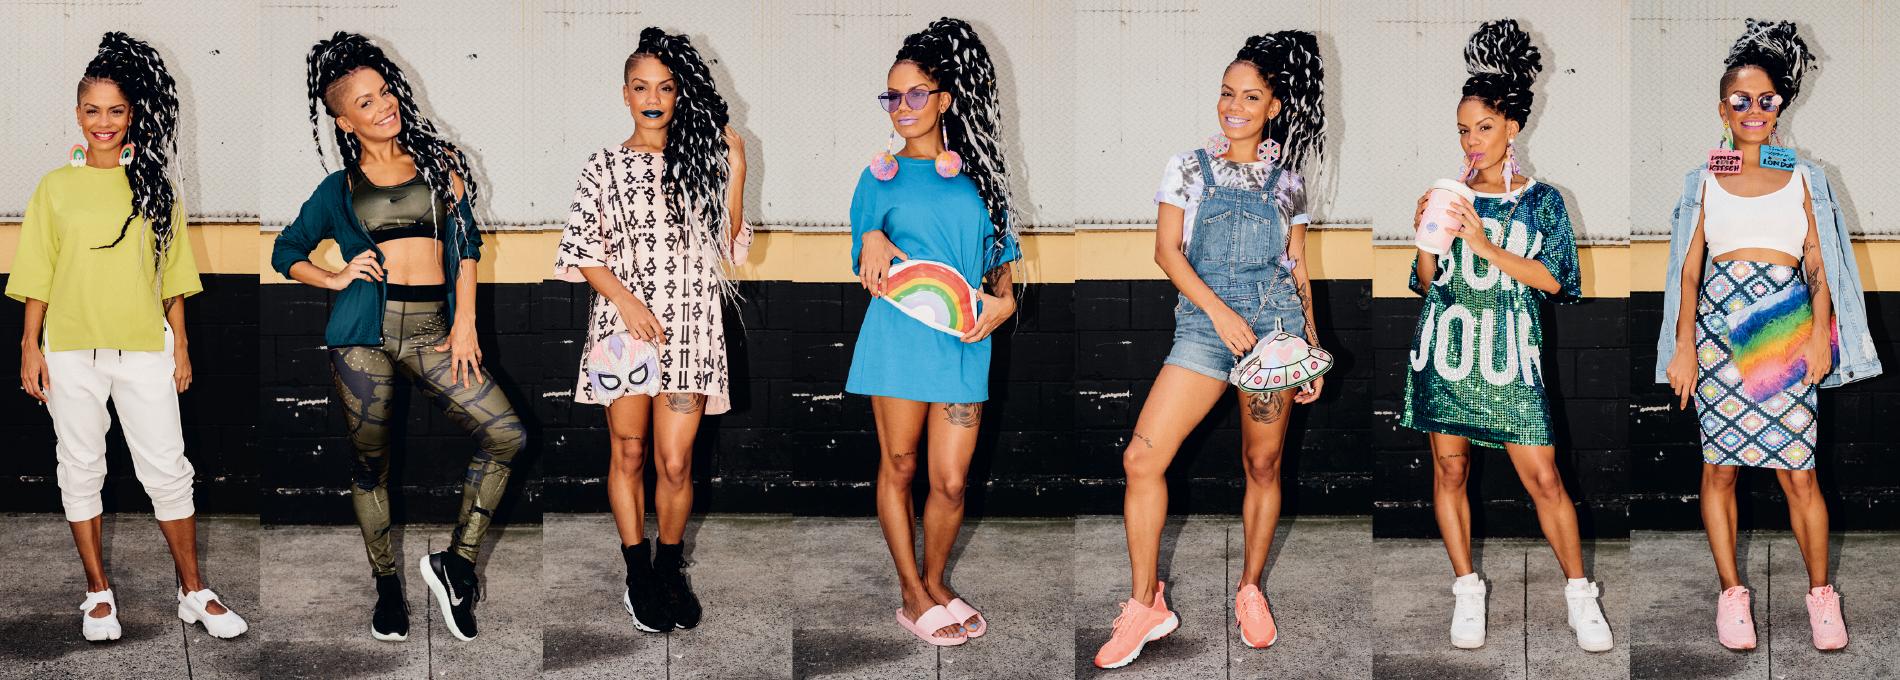 Semana de moda: Magá Moura